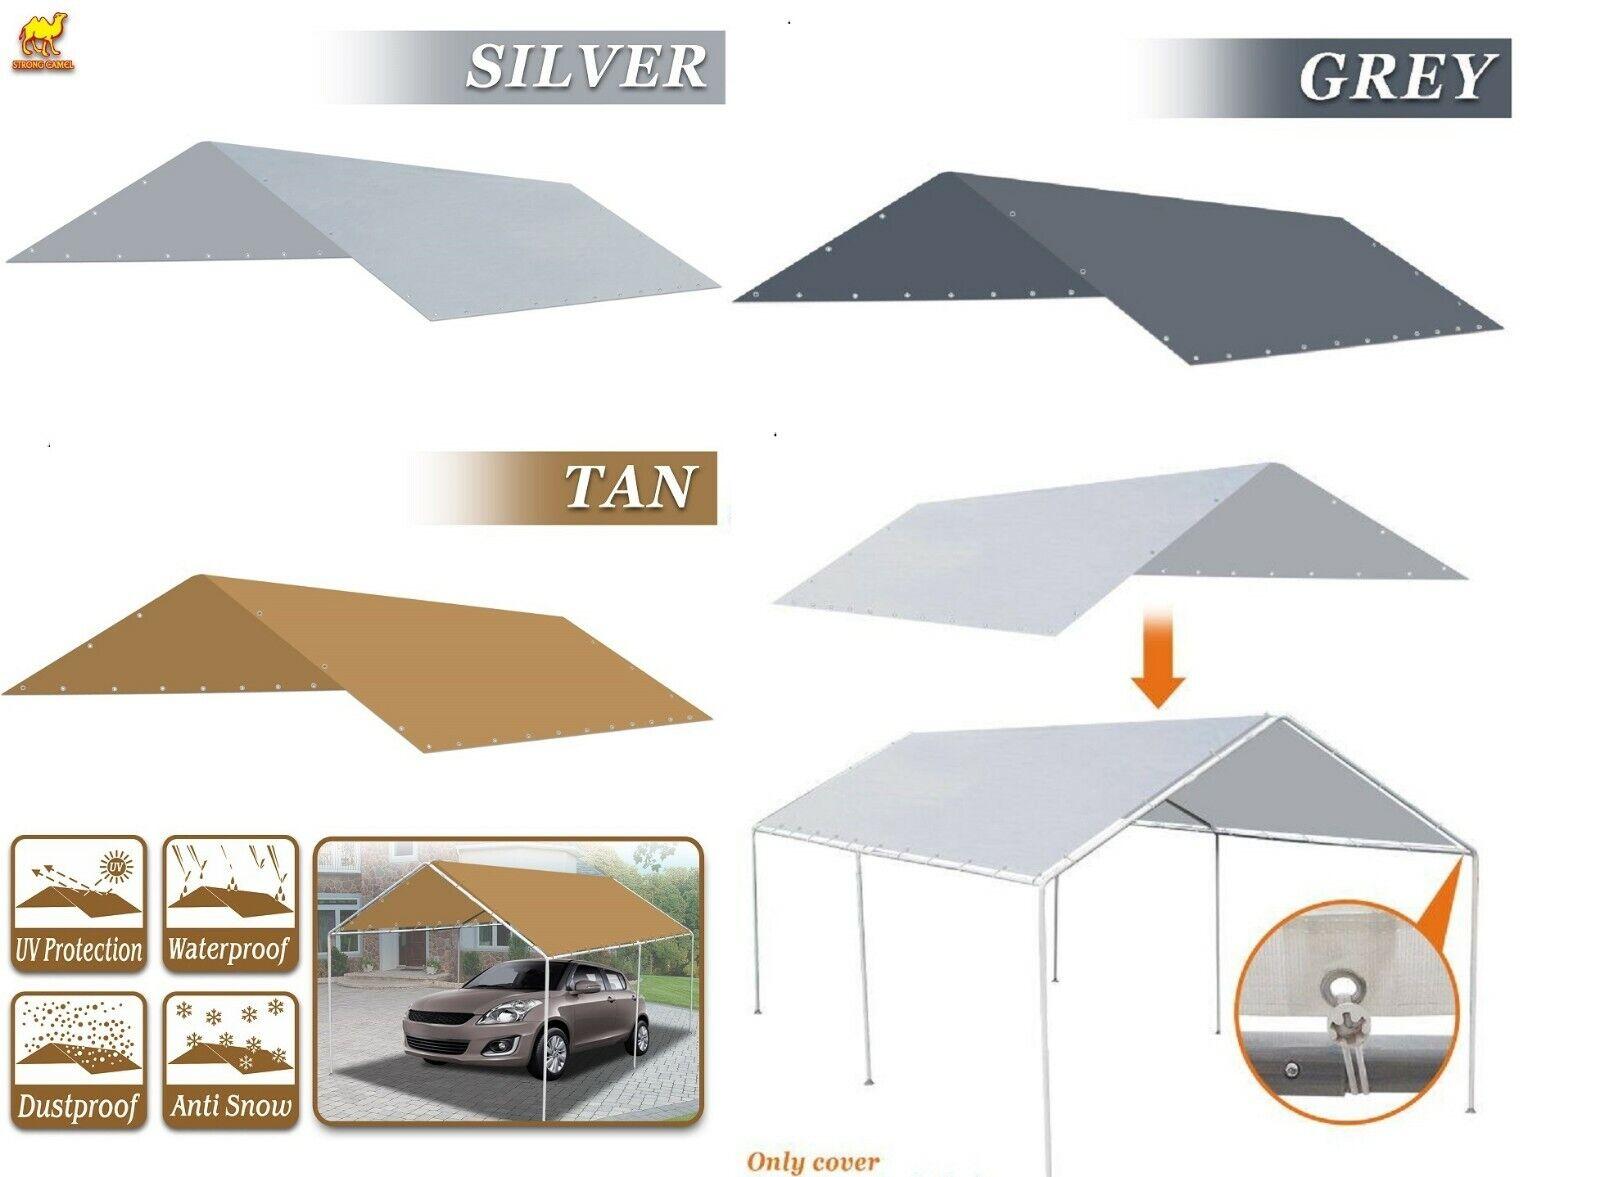 Waterproof Replacement Canopy 10x20 Ft Carport Tent Top Gara